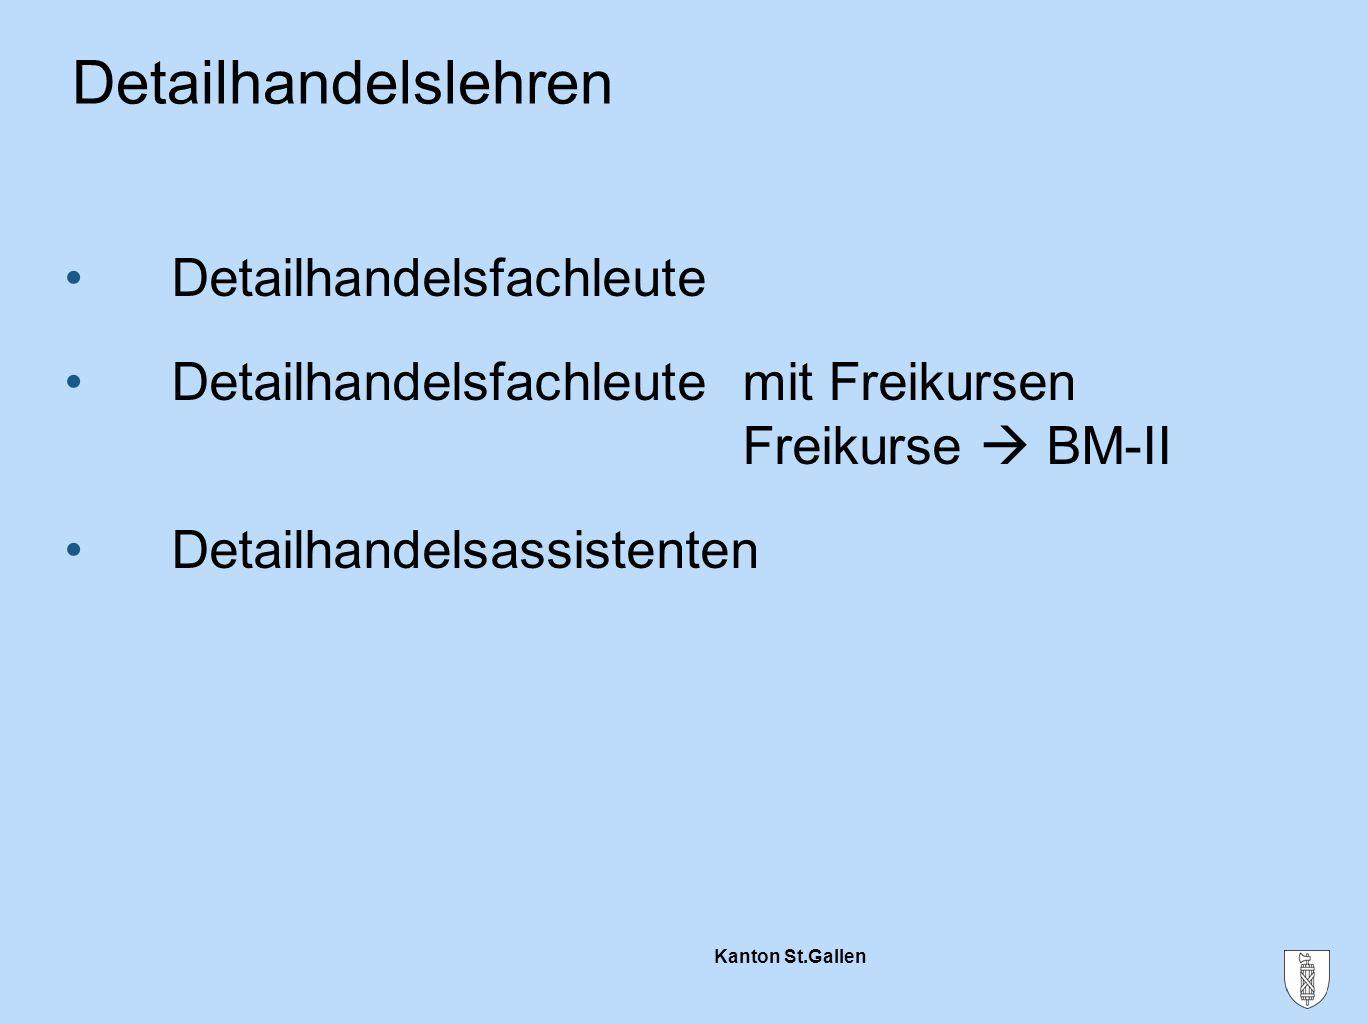 Kanton St.Gallen Detailhandelslehren Detailhandelsfachleute Detailhandelsfachleutemit Freikursen Freikurse  BM-II Detailhandelsassistenten